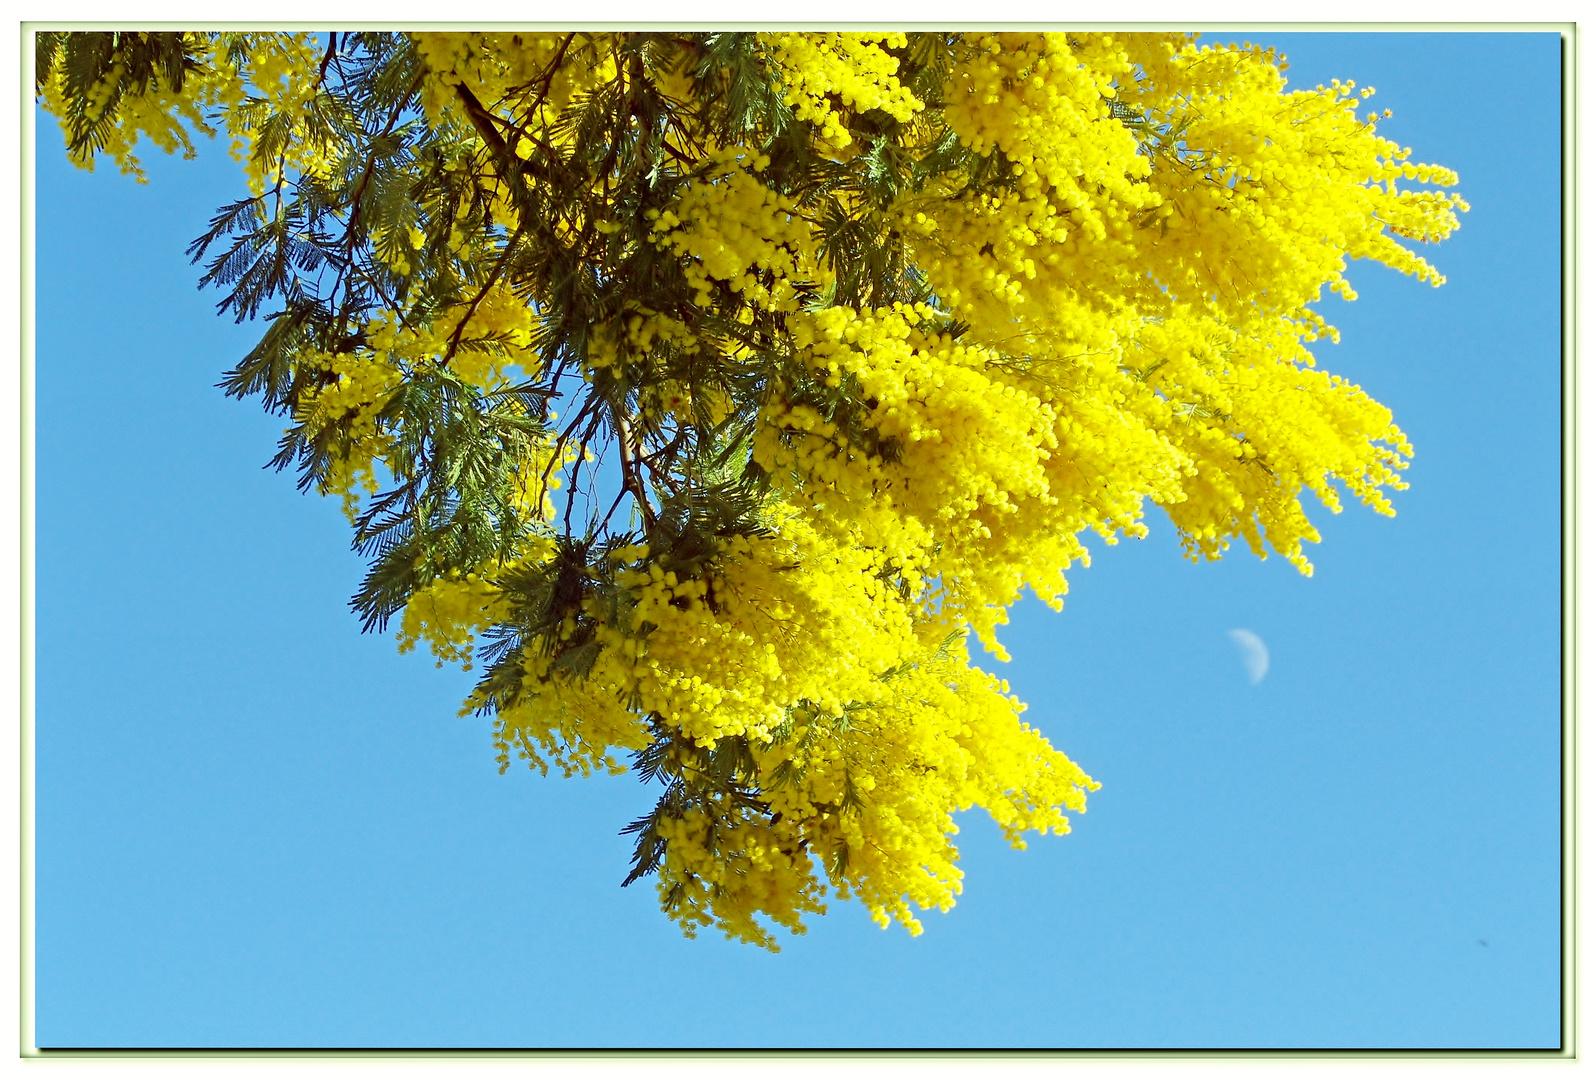 la saison des mimosas est arrivée .....